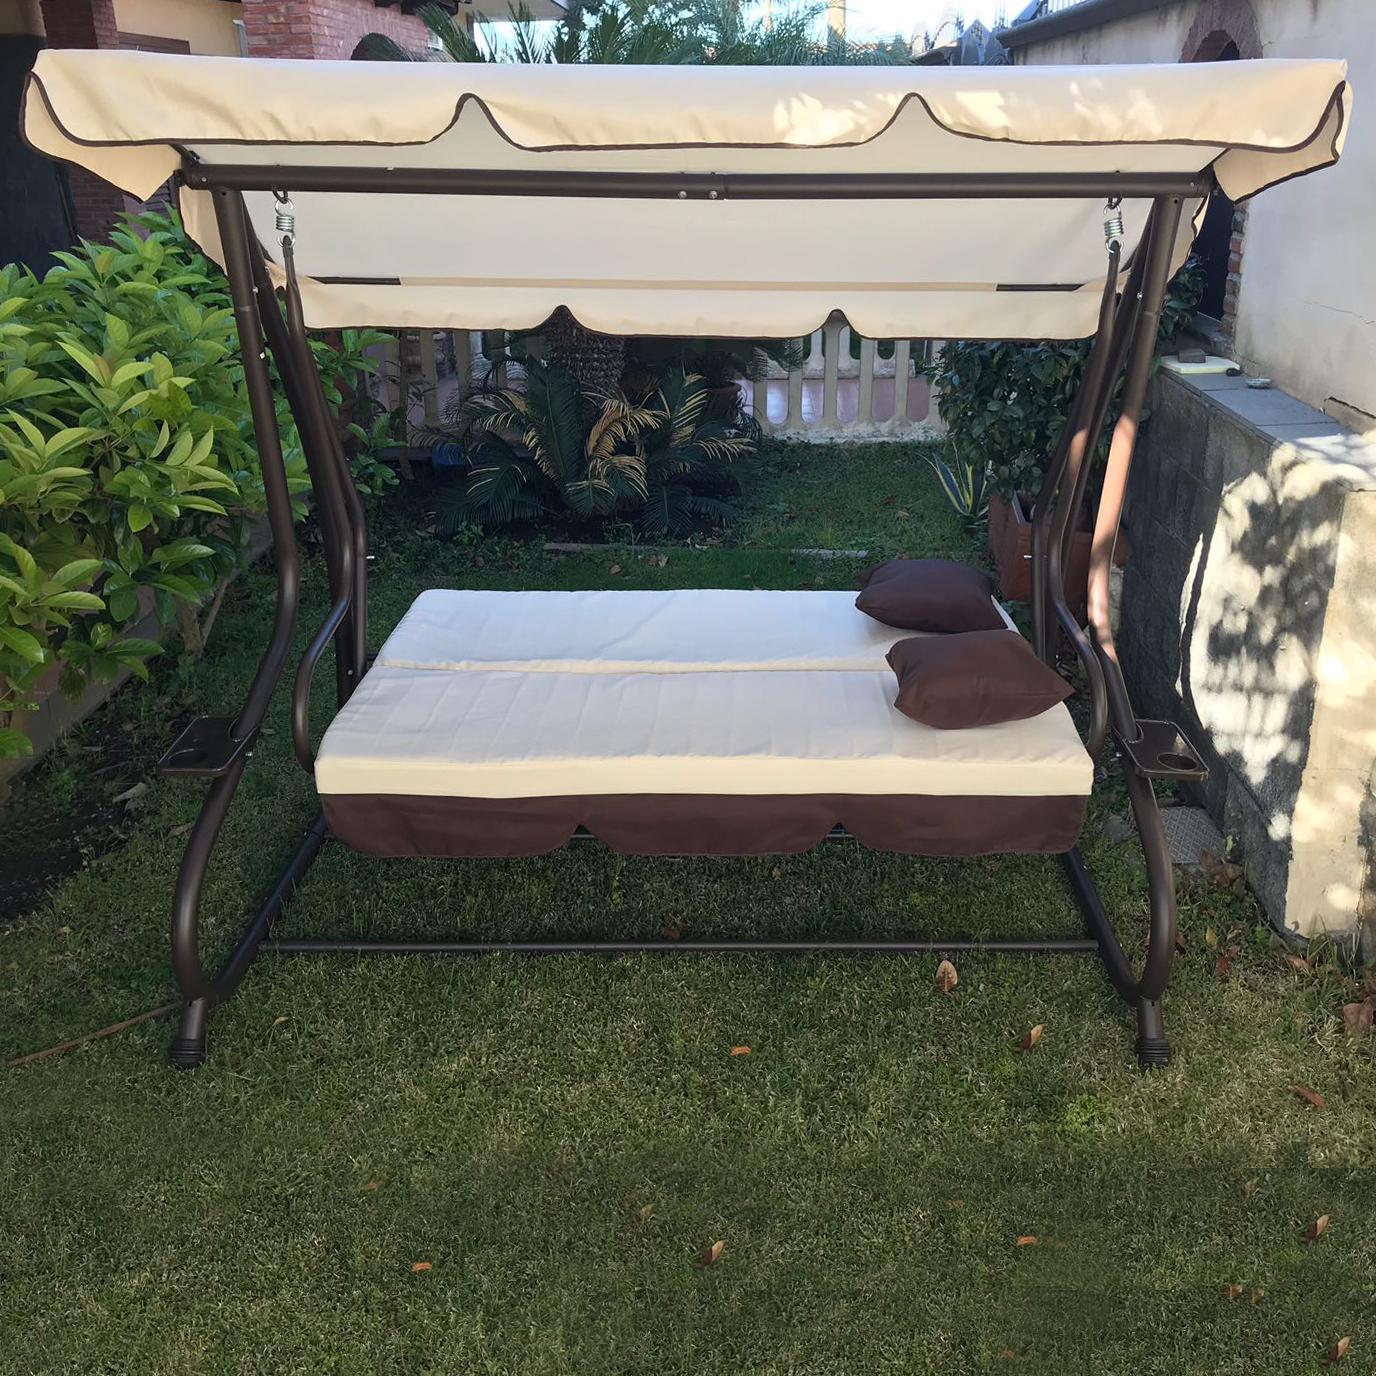 Dondolo da giardino 3 posti con tetto parasole divano letto altalena inclinabile ebay - Dondolo da giardino usato ...